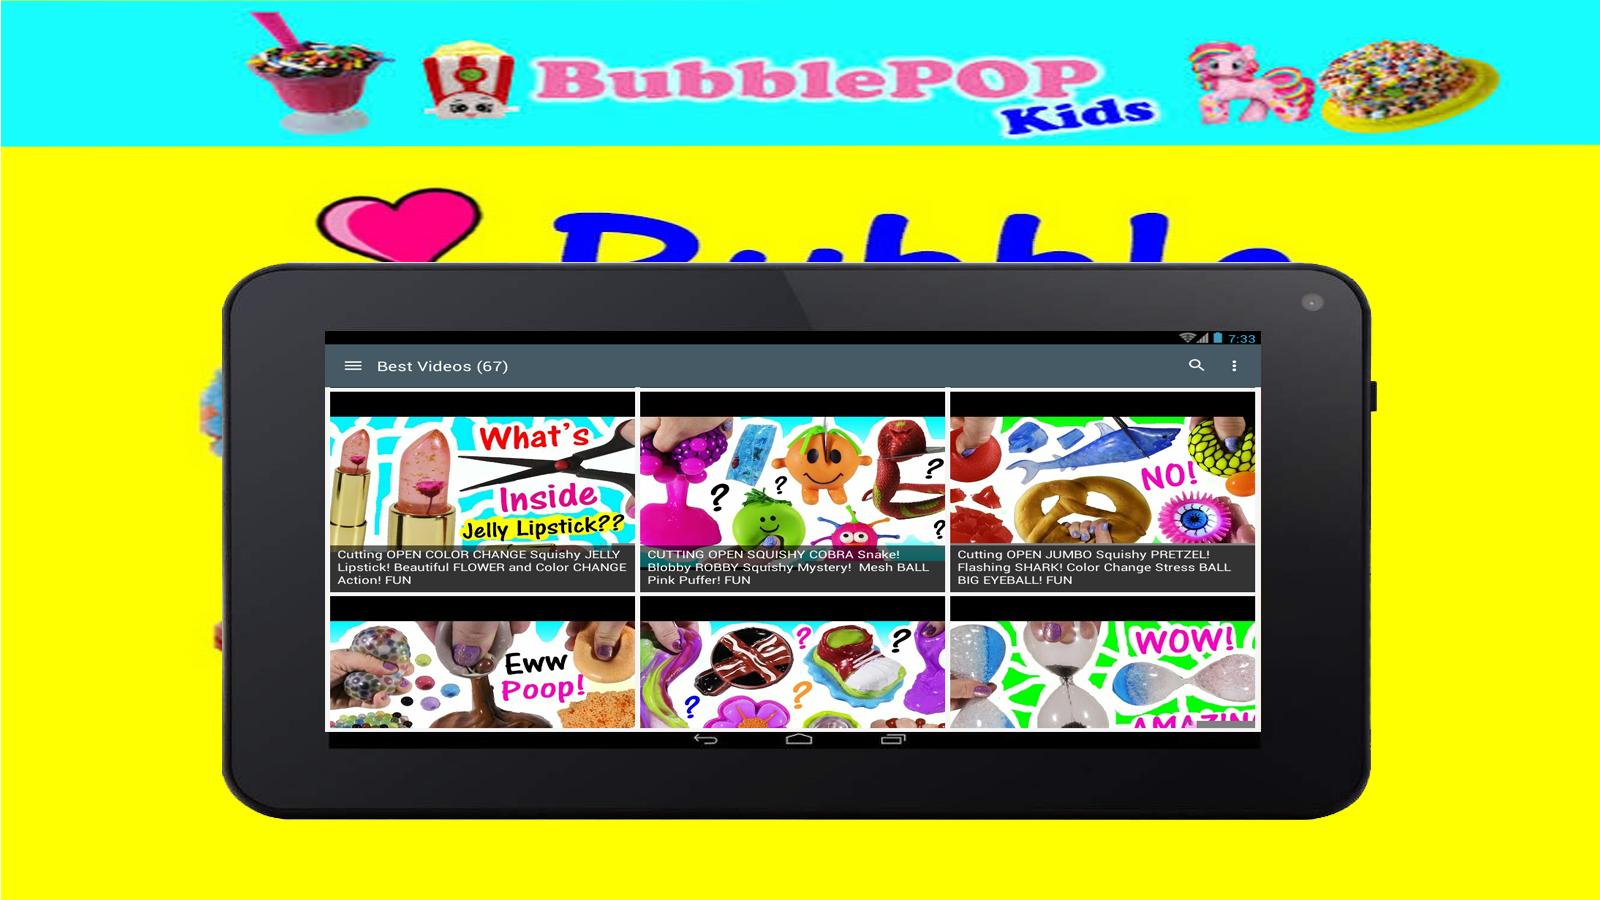 videos of bubble pop kids